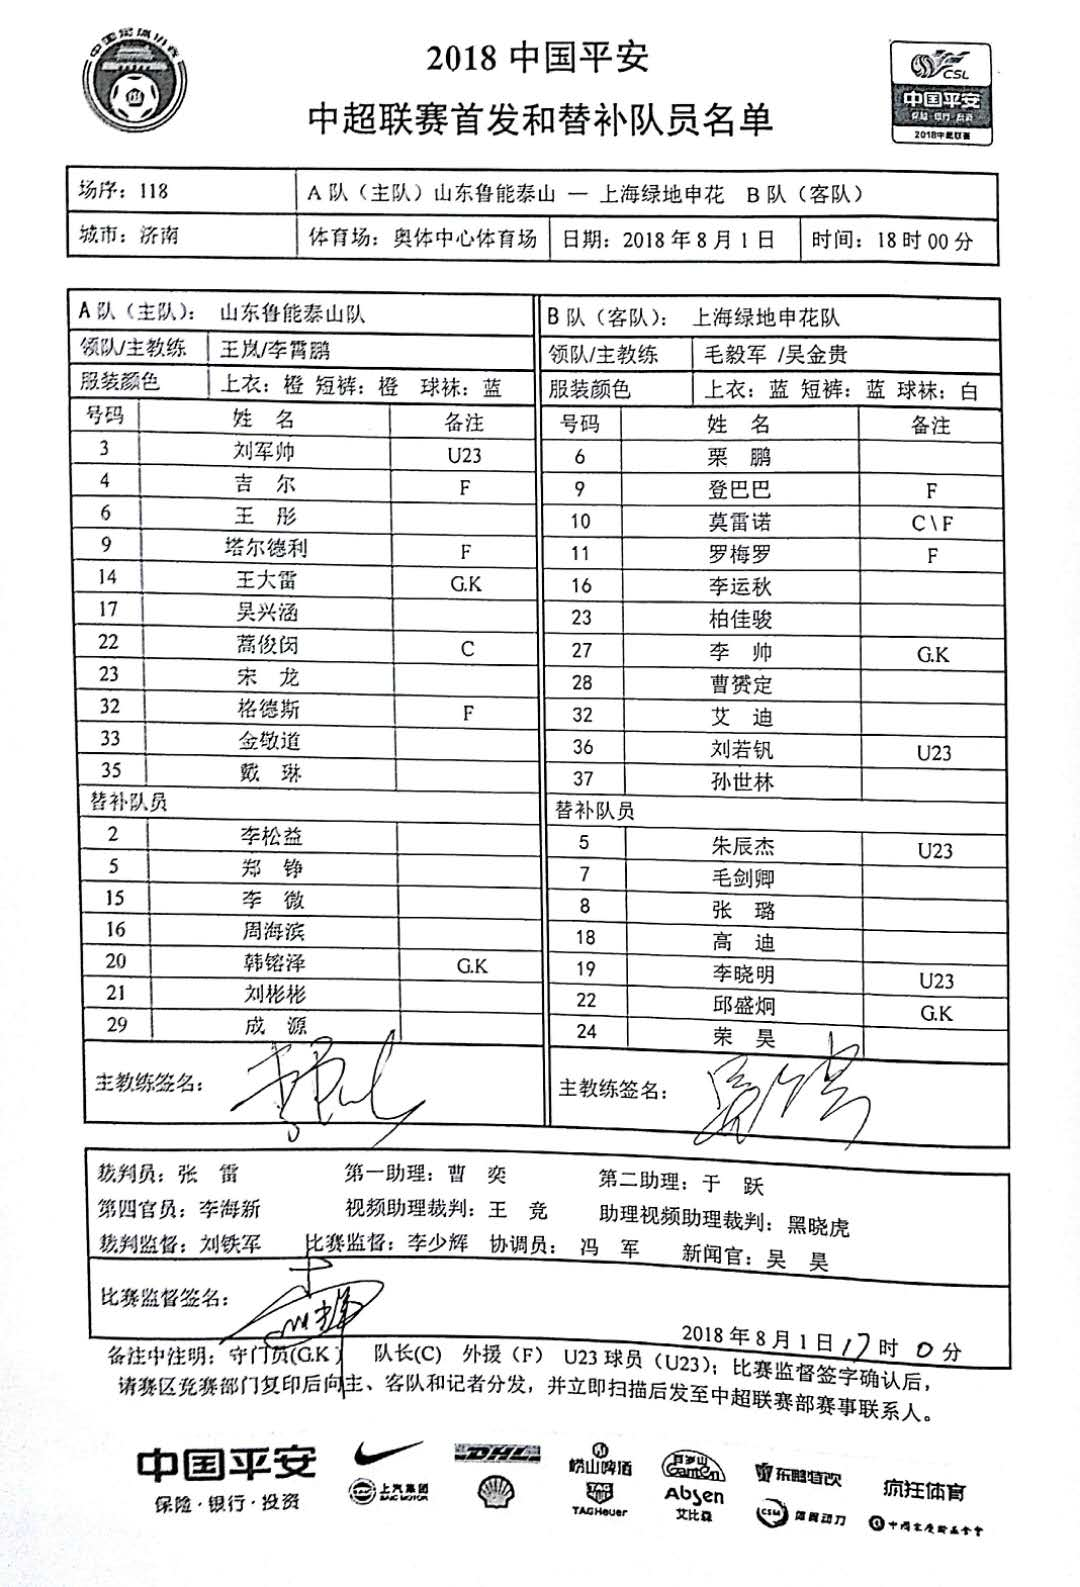 鲁能战申花首发:格德斯配塔神 U23刘军帅担纲